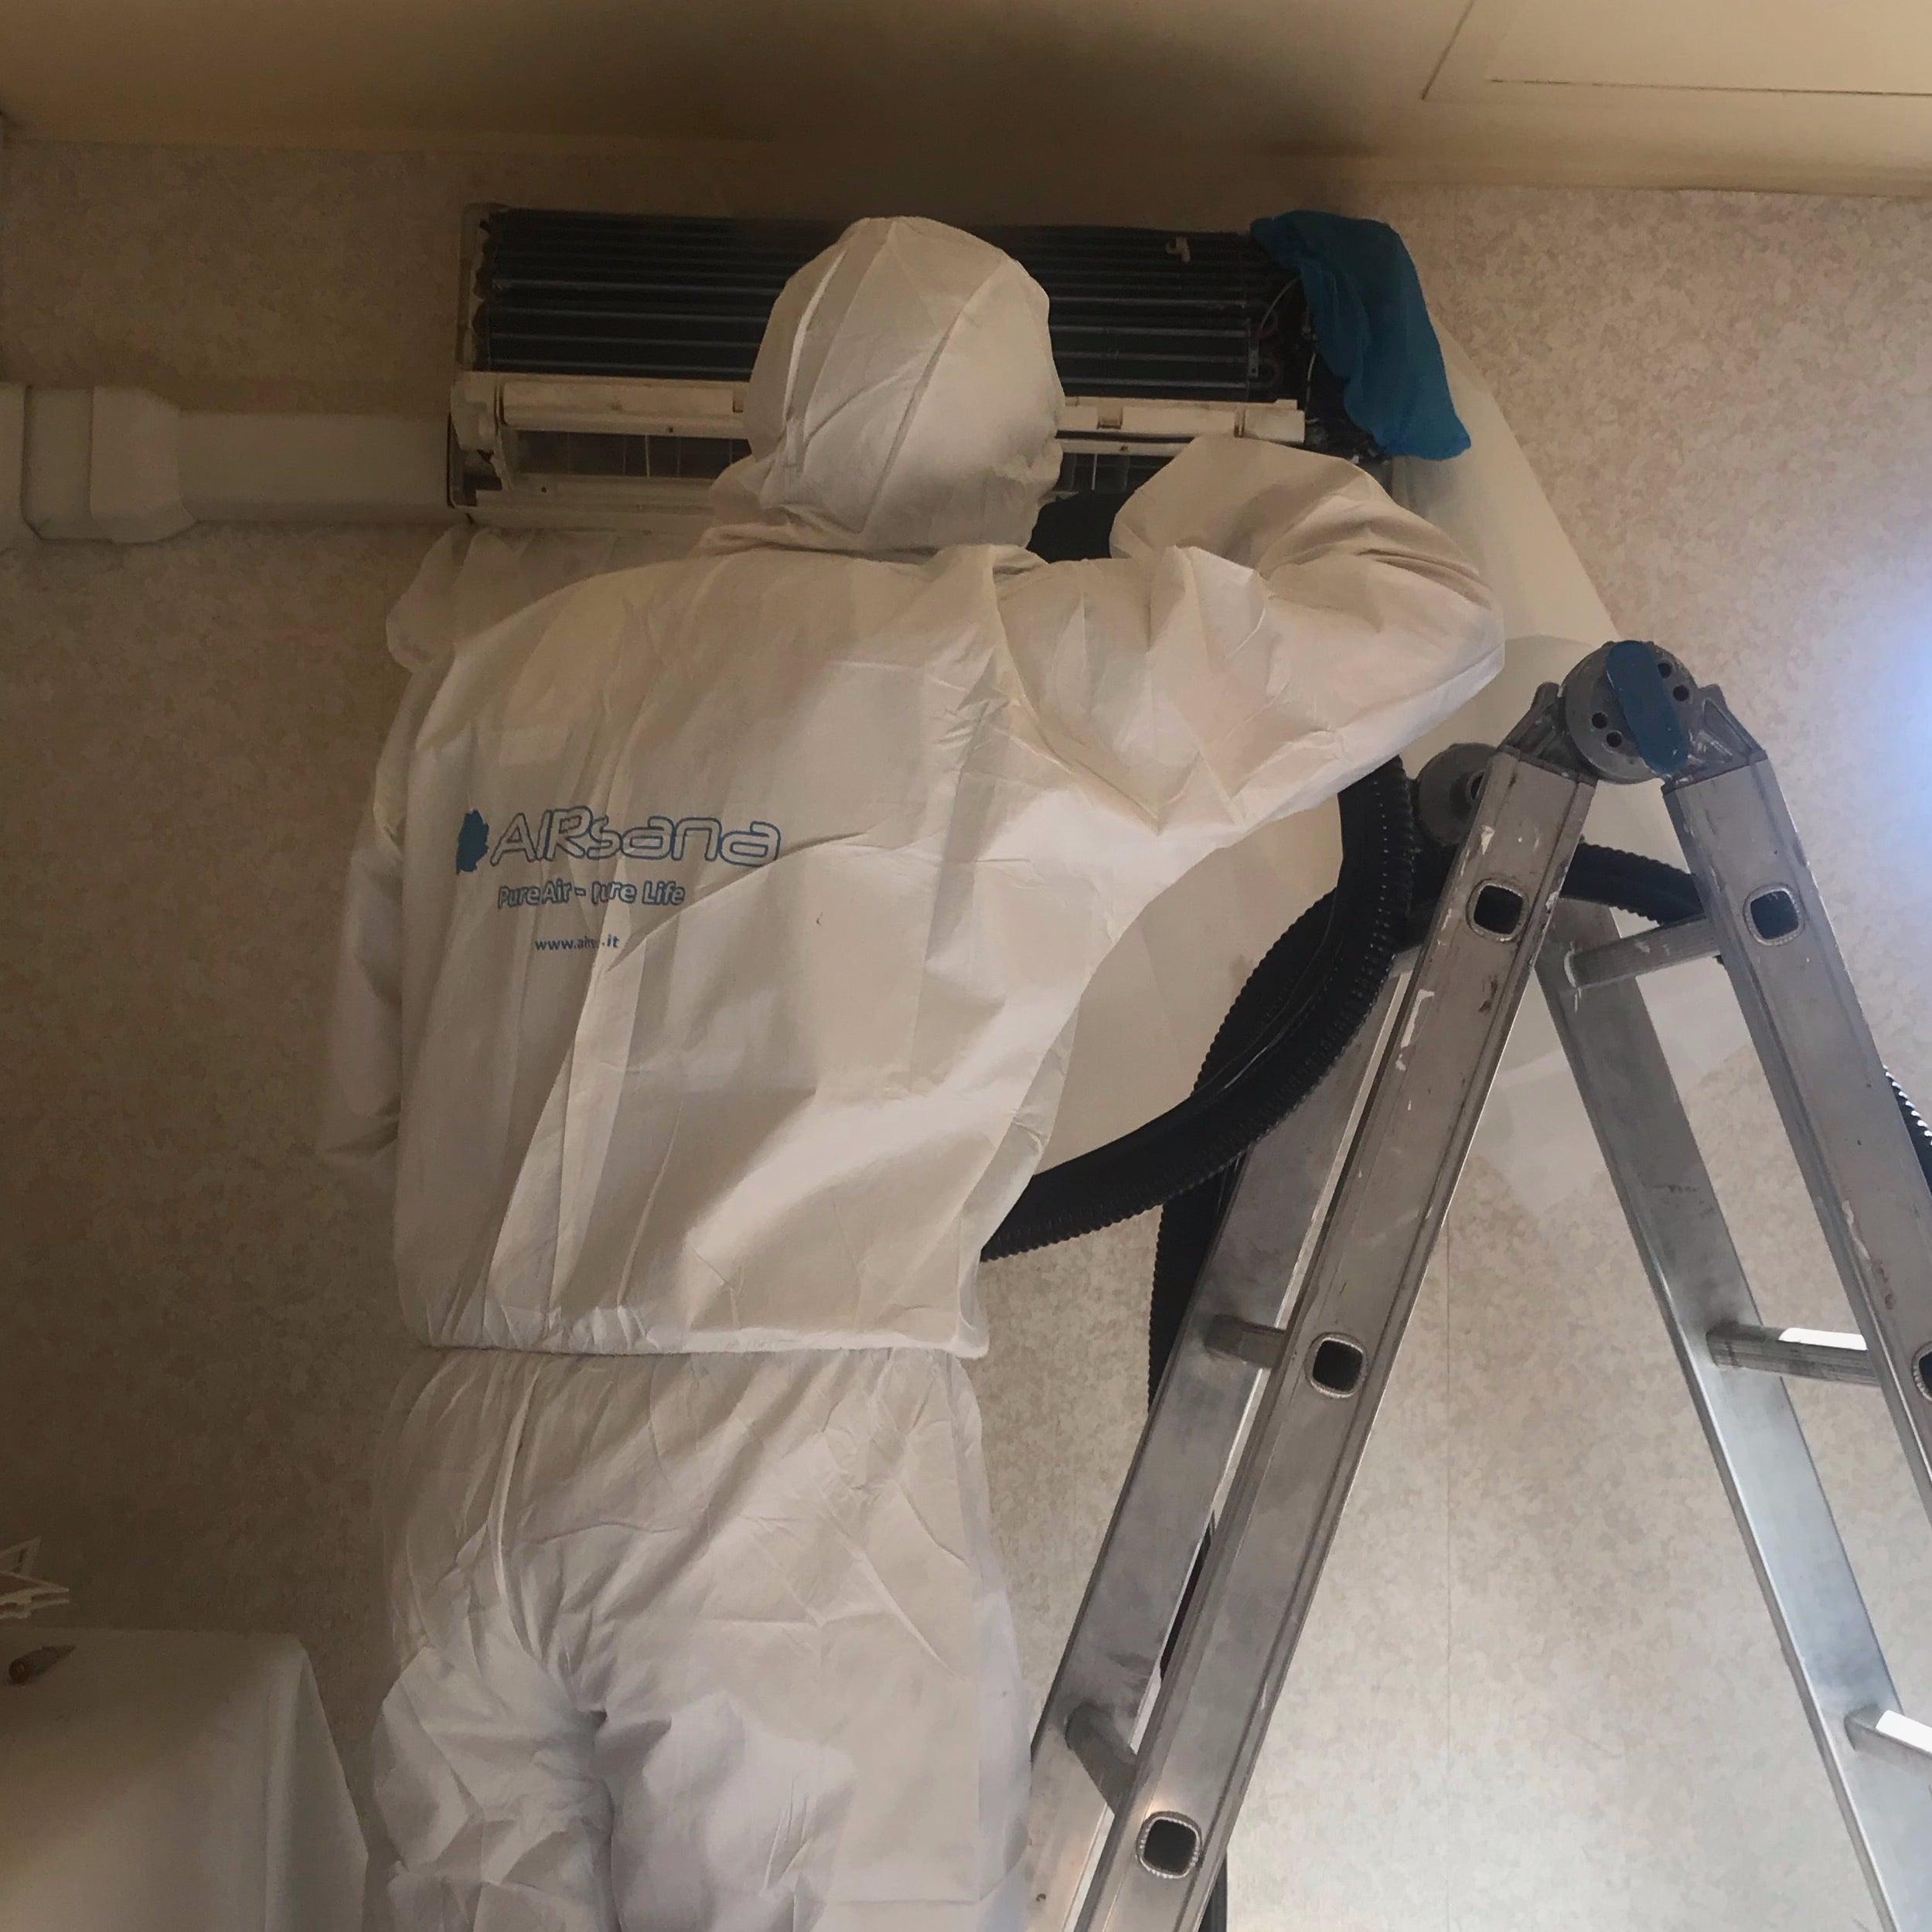 Automazione E Sicurezza Gorgonzola i migliori 28 elettricisti a gorgonzola (con preventivi